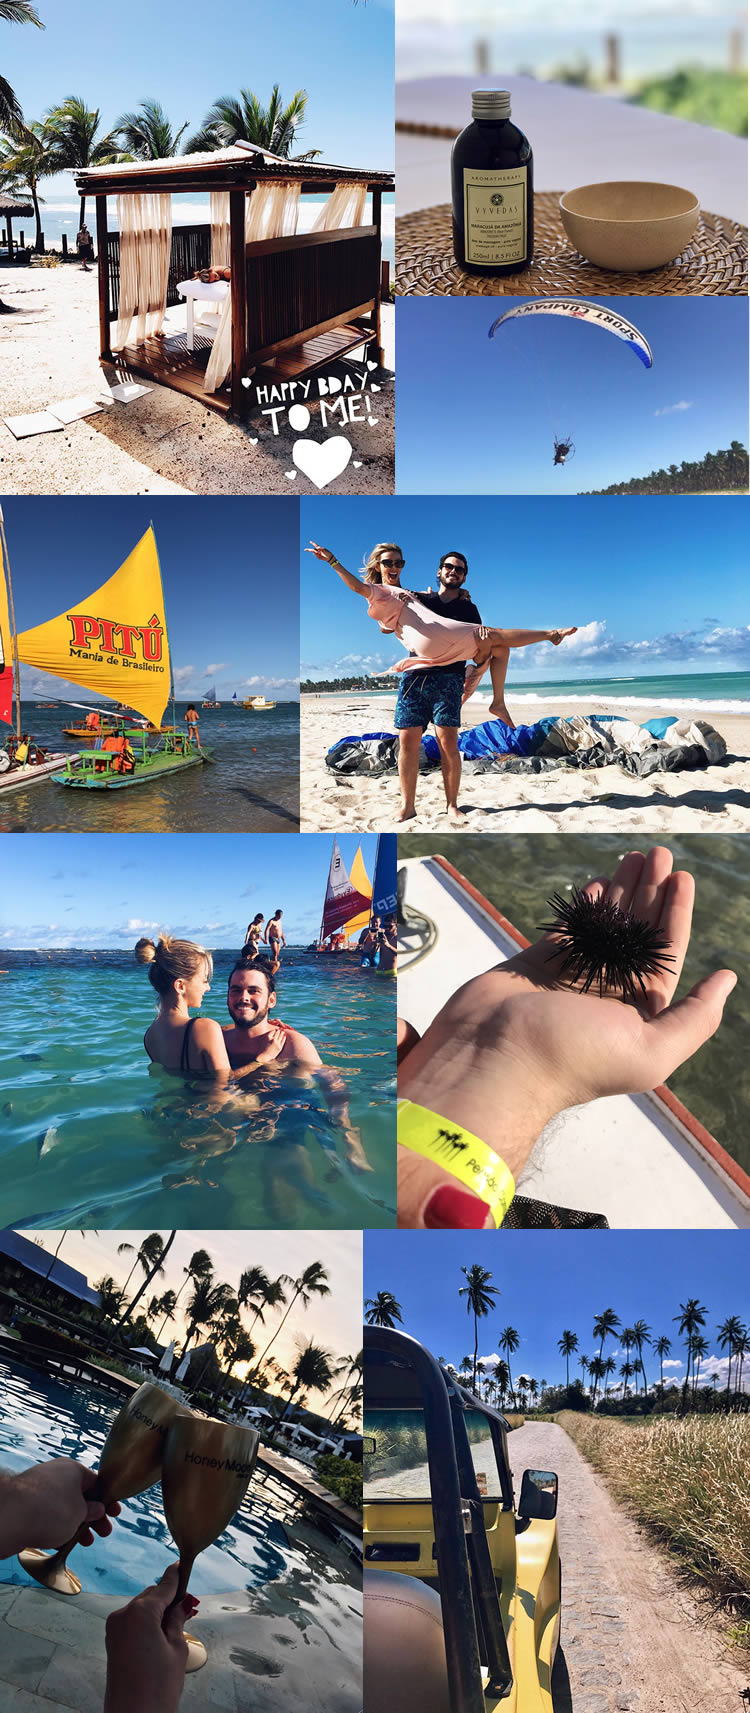 o-que-fazer-em-porto-de-galinhas-e-onde-ficar-summerville-resort-agencia-honeymoon-viagens-dia-3